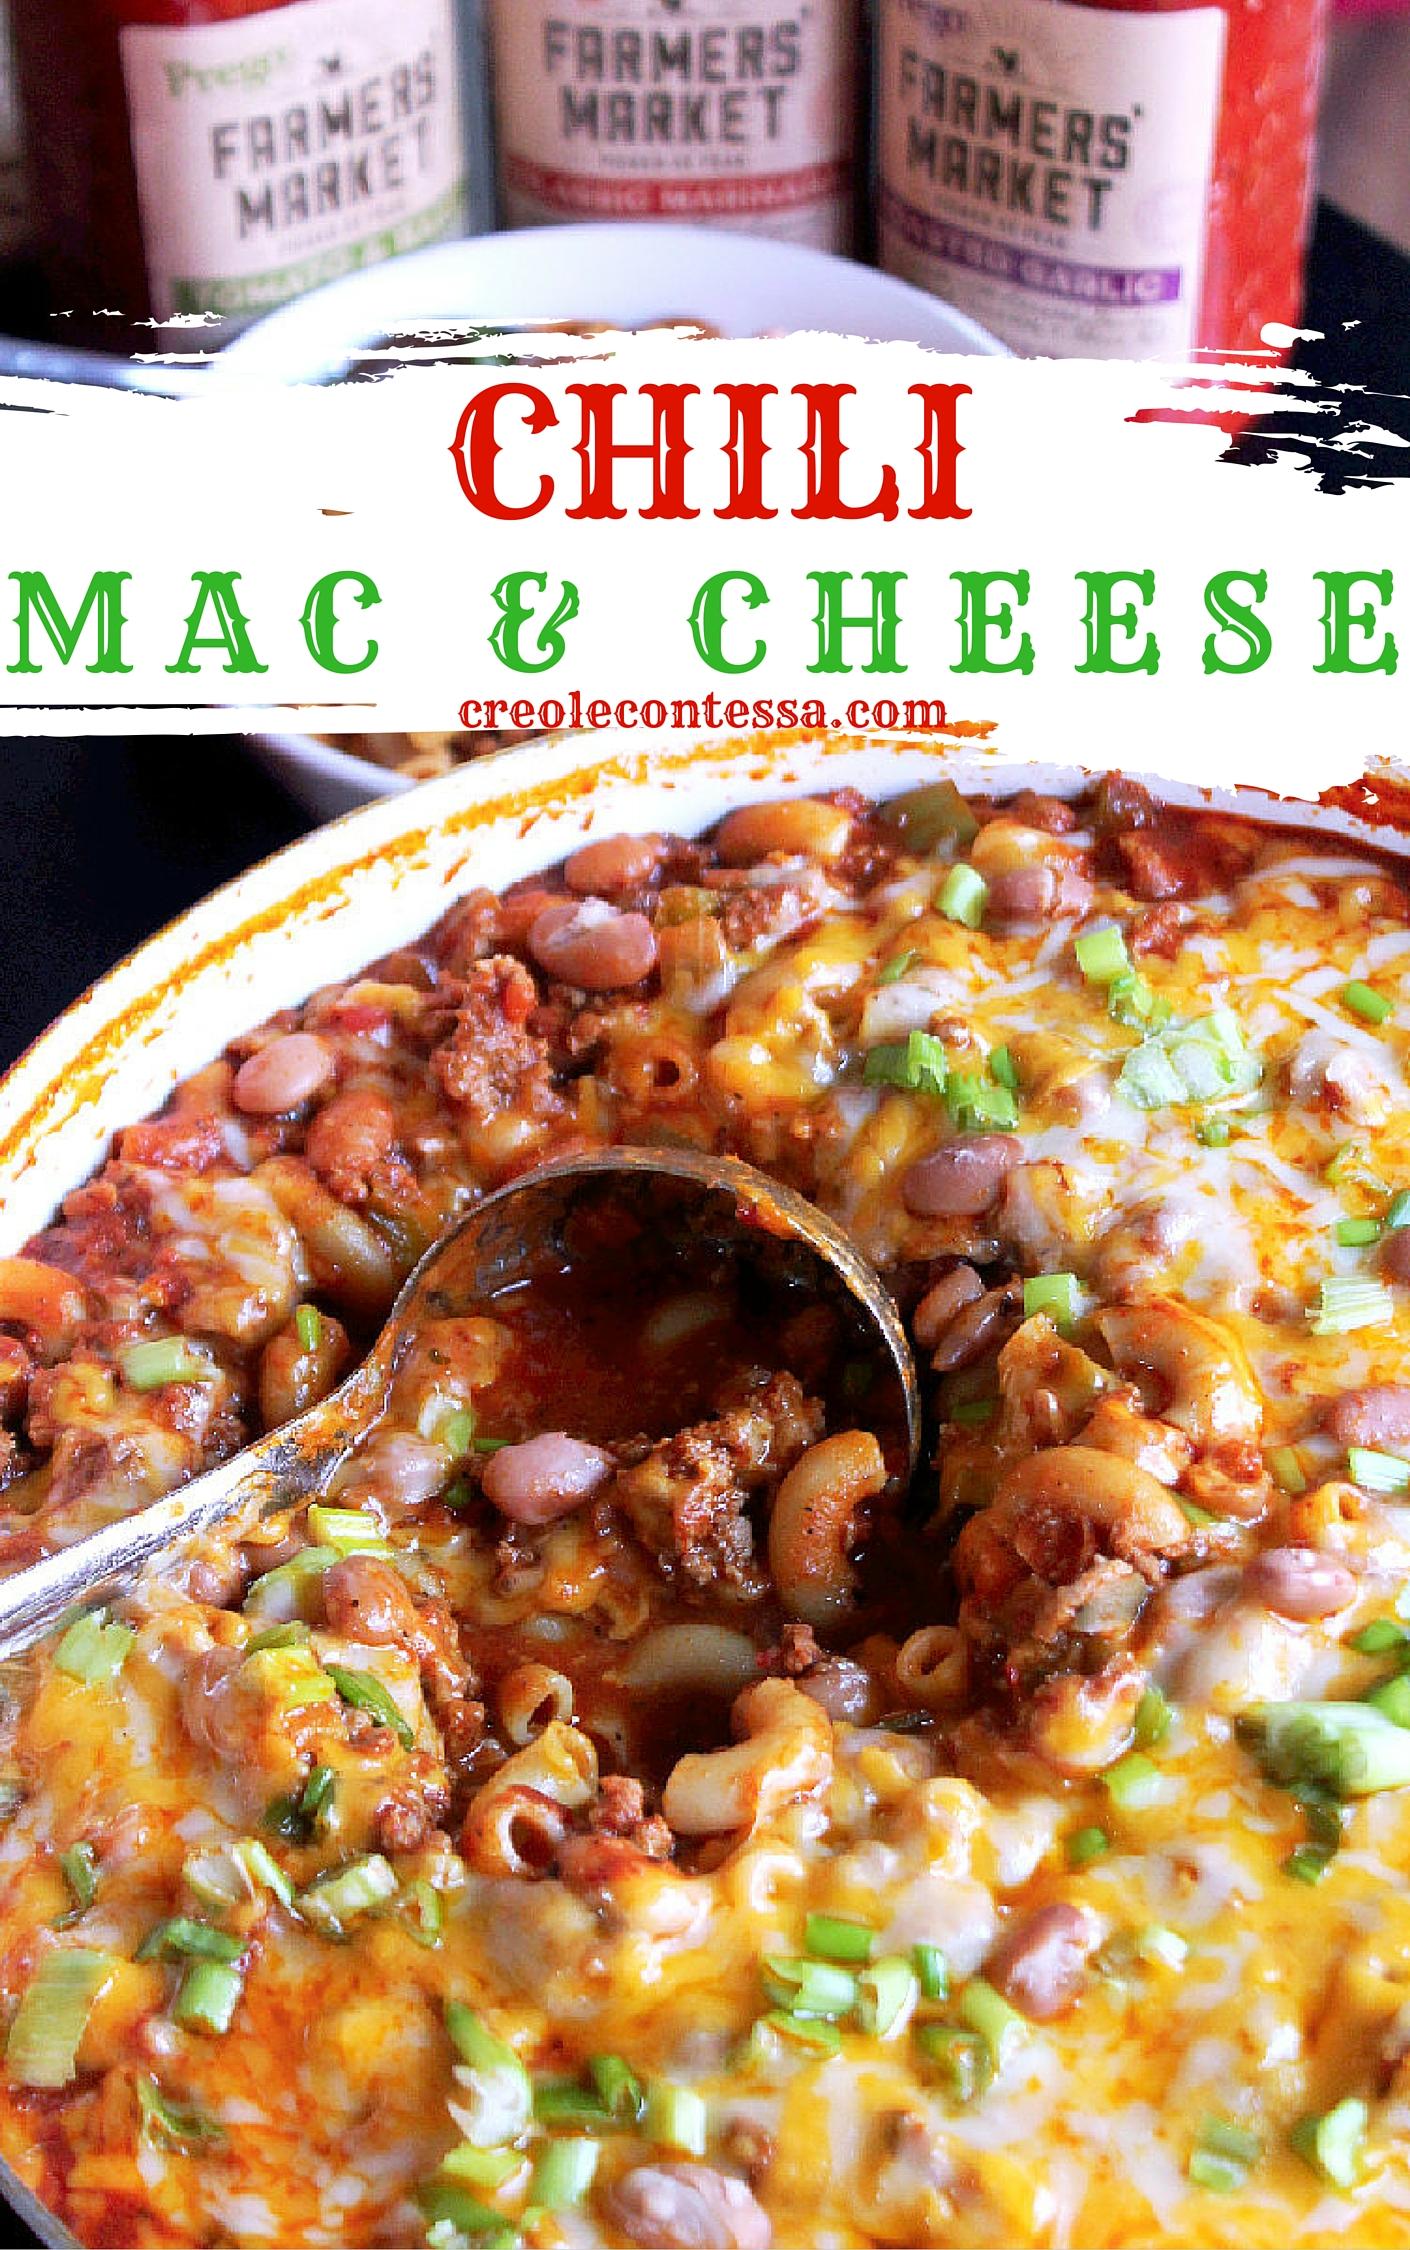 Chili Mac & Cheese with Prego® Farmers' Market-Creole Contessa